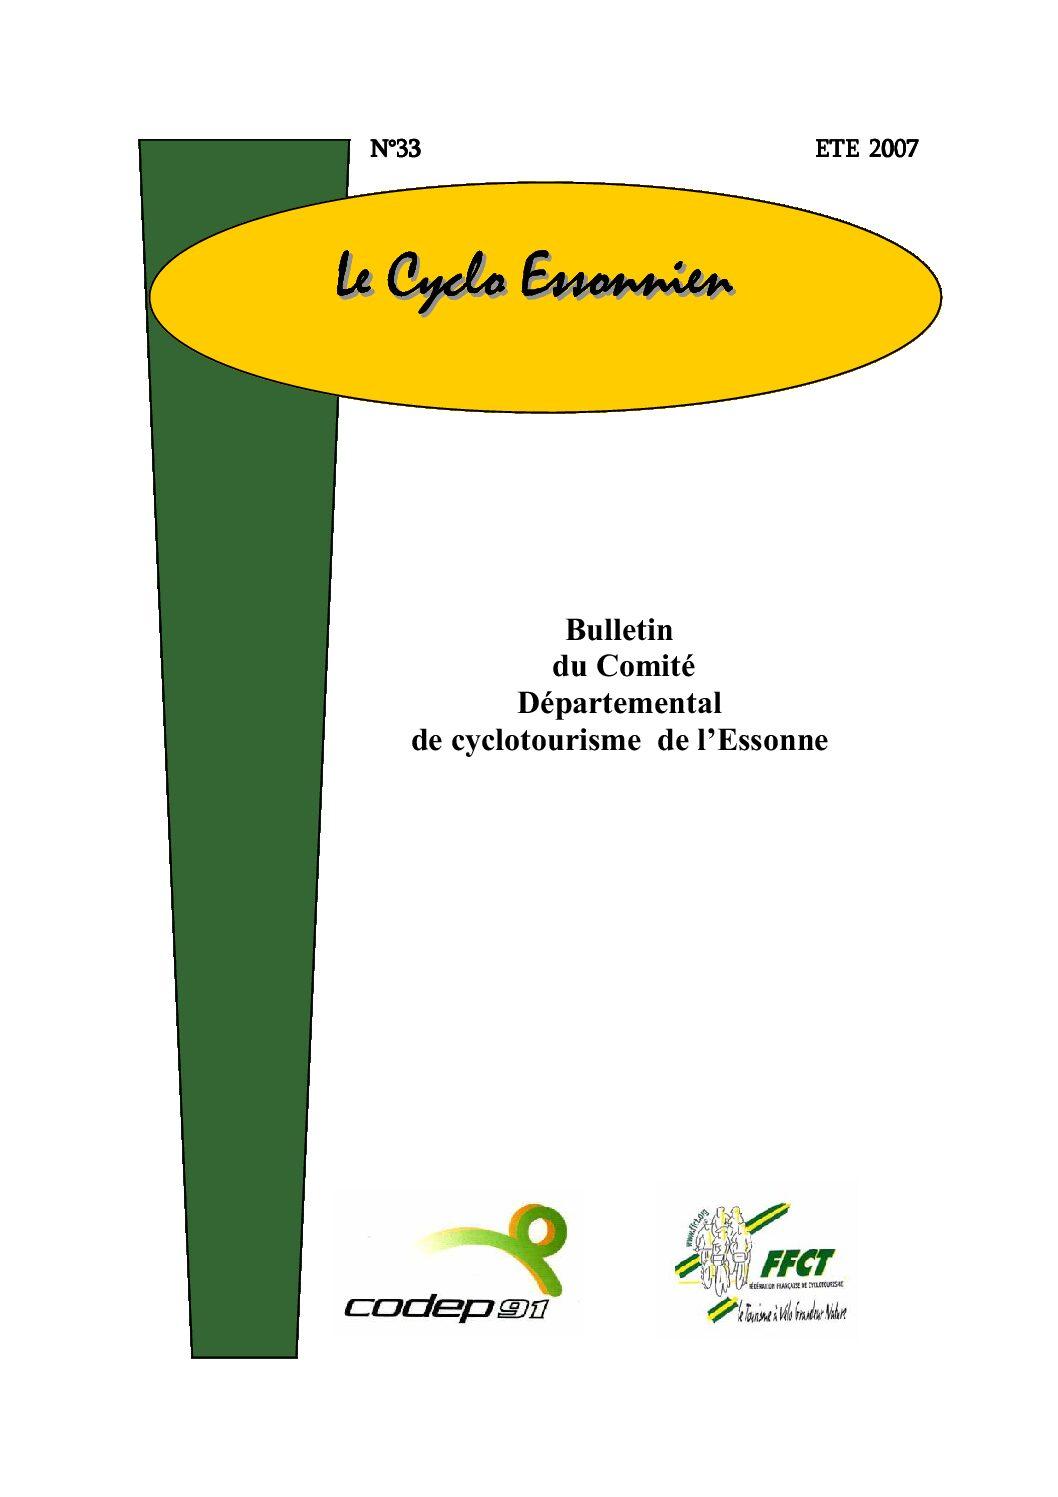 Le Cyclo Essonnien n°33